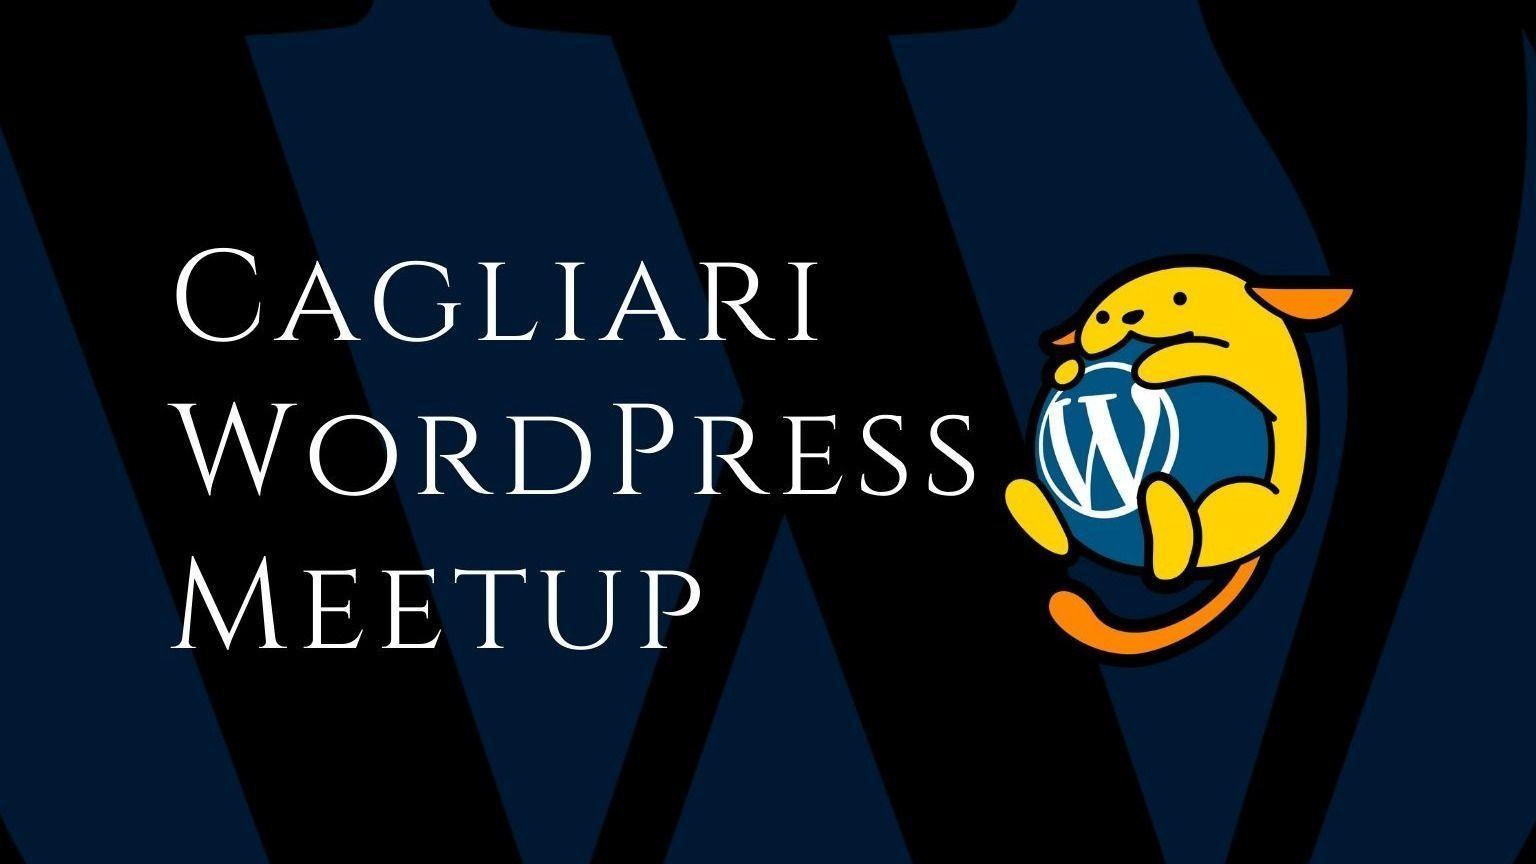 Cagliari WordPress Meetup